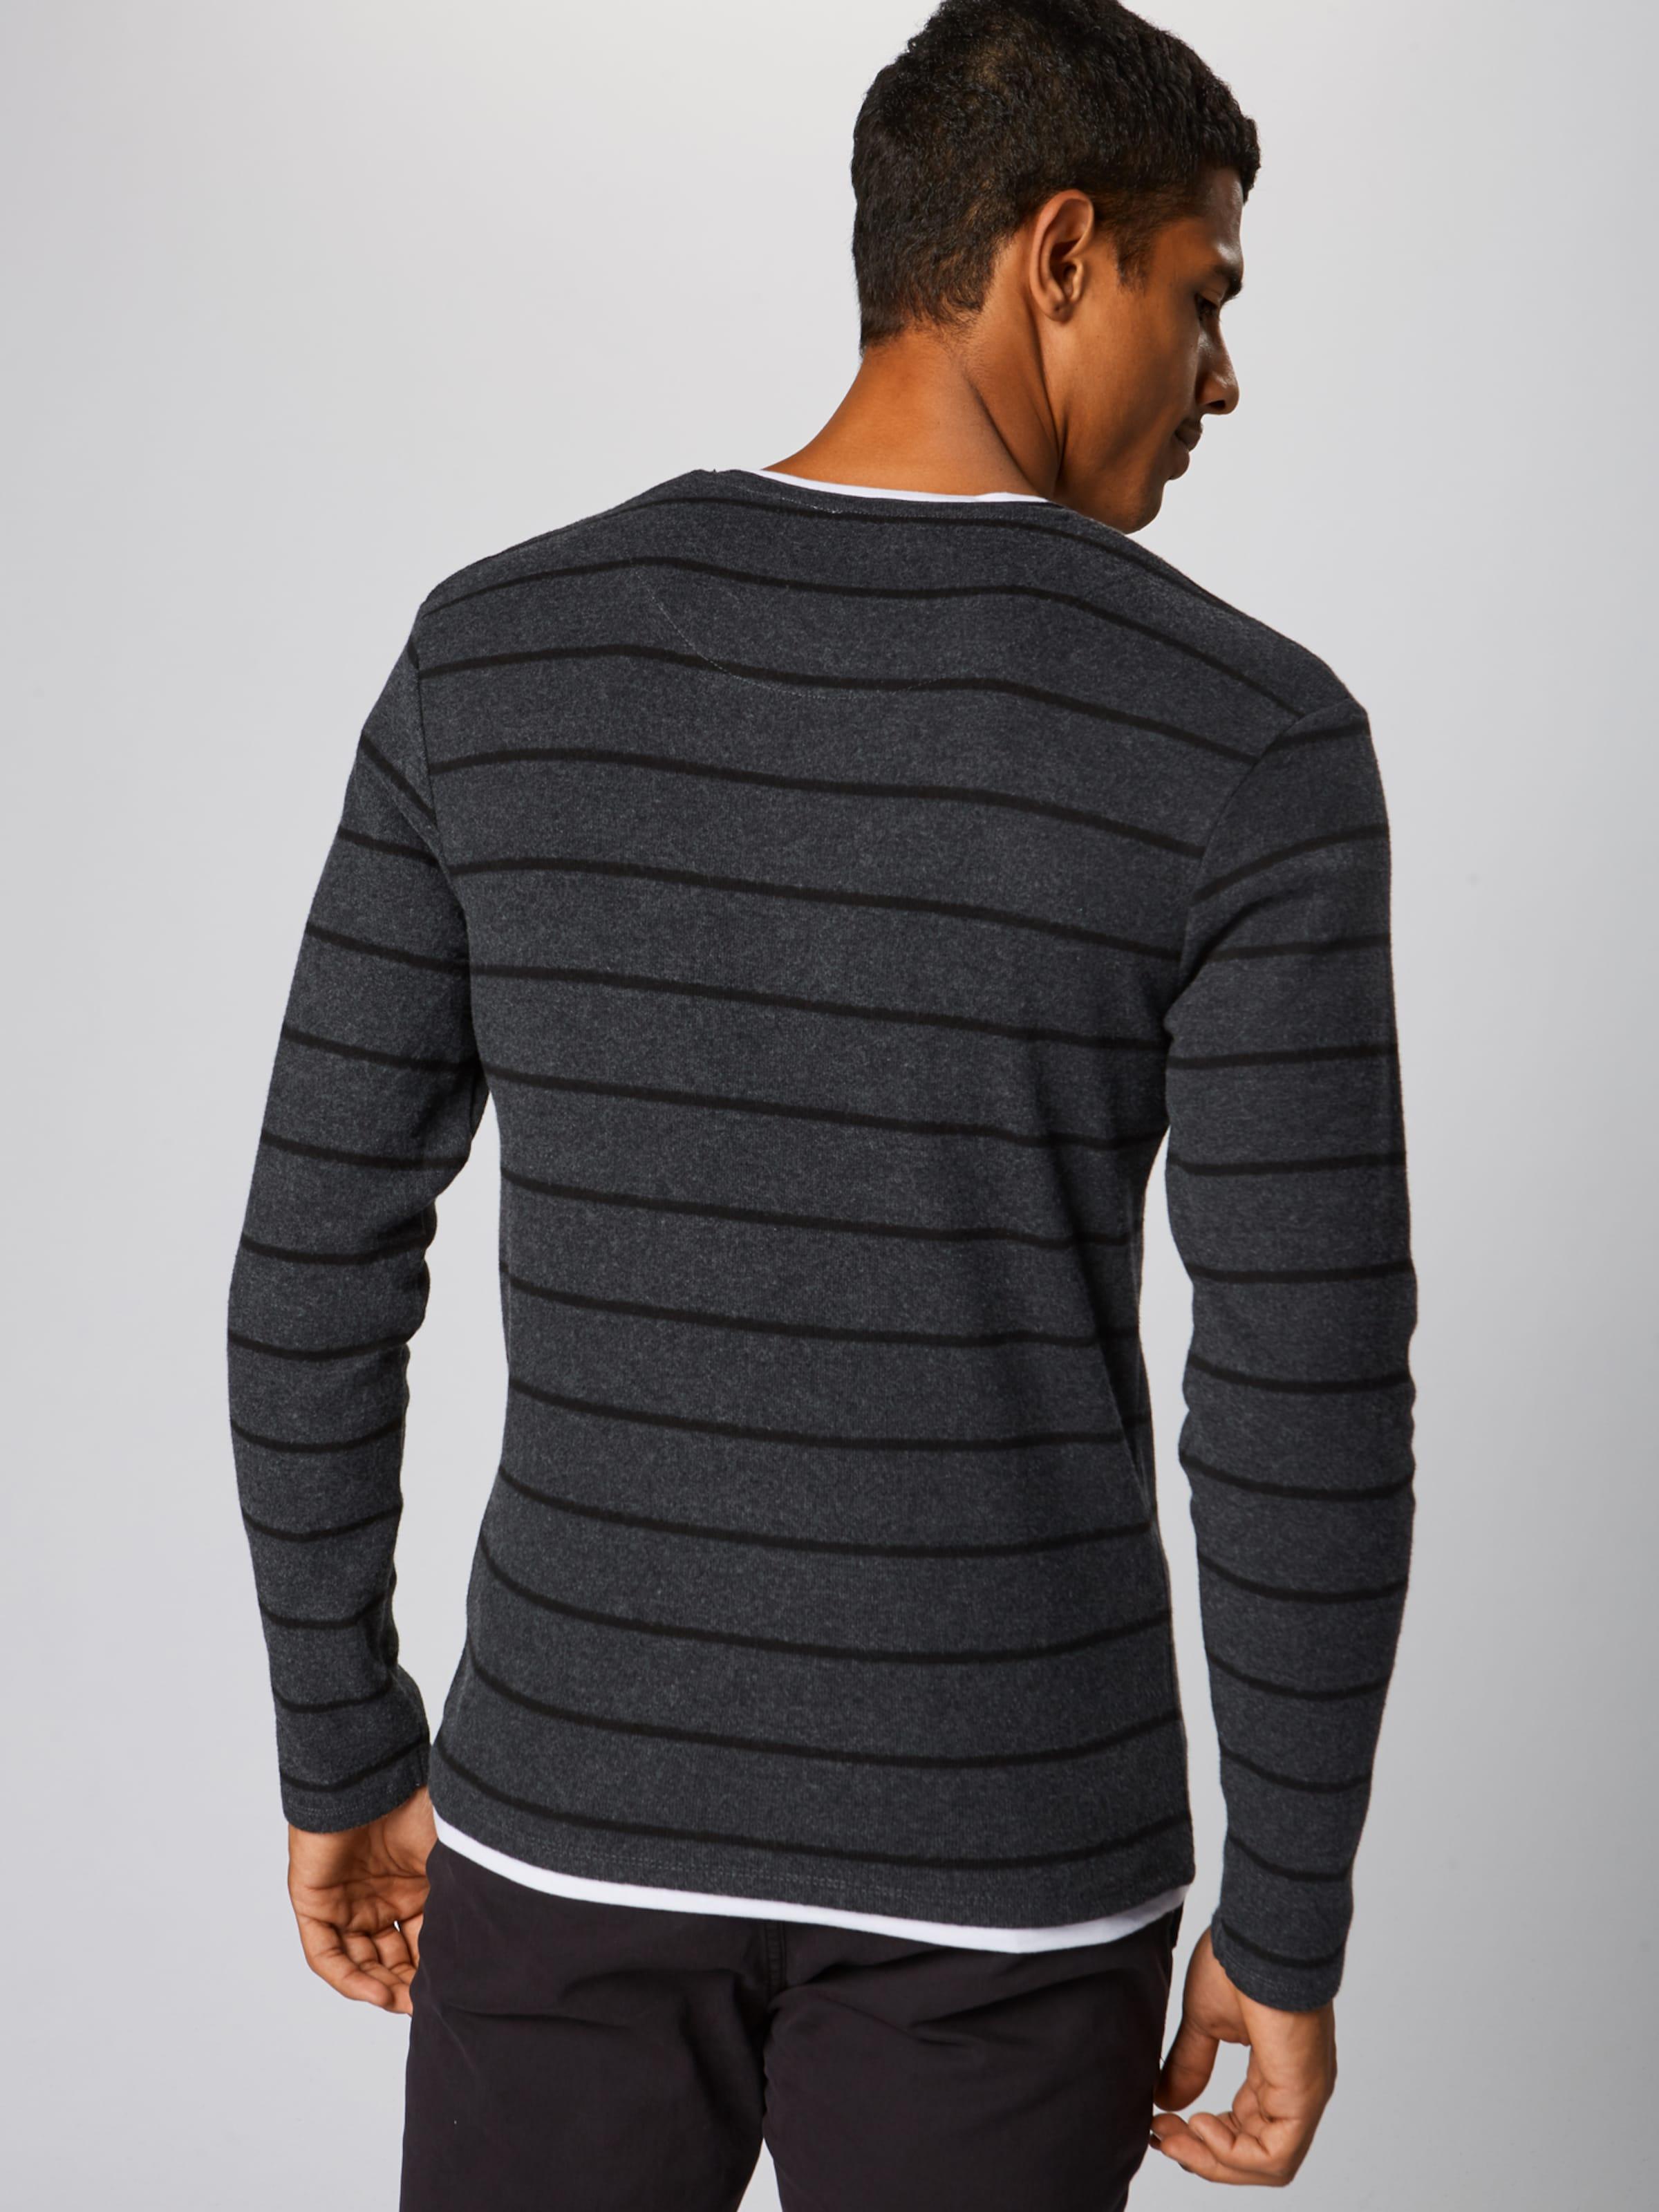 Round' shirt Anthracite Largo Key En 'msw Sweat Orlando ZOPuiTkX